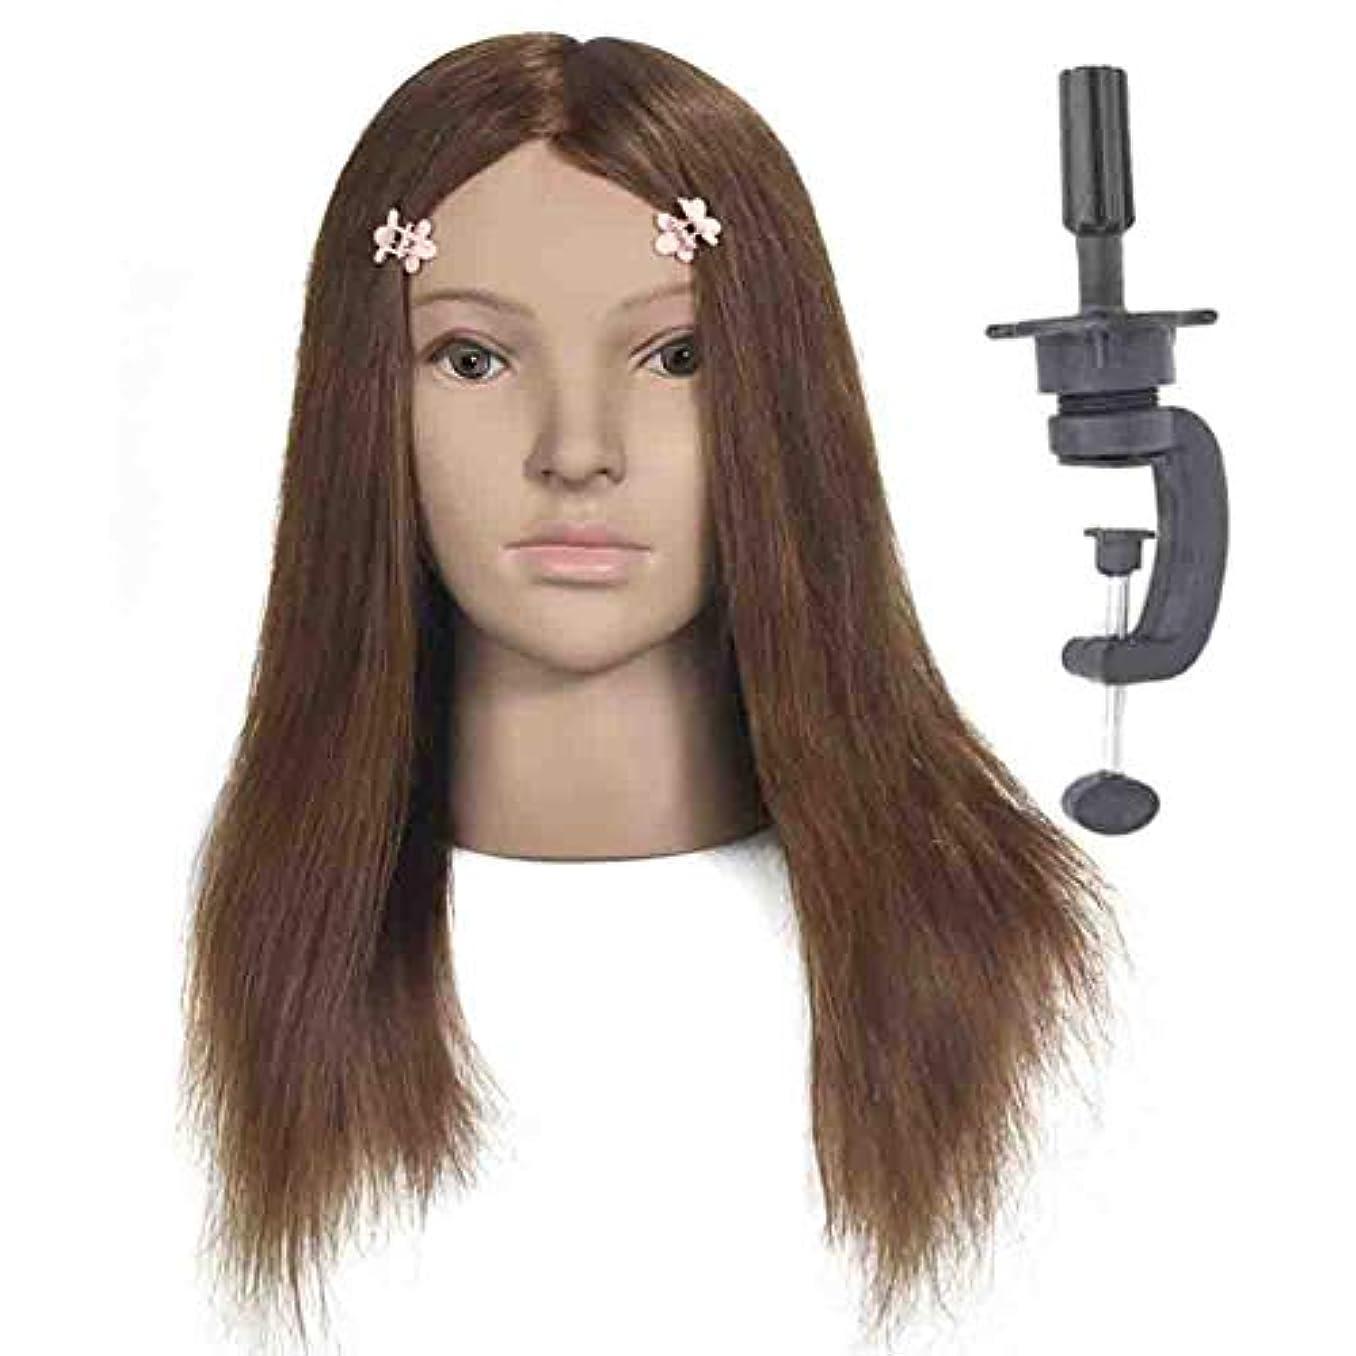 エネルギーこれら桁100%本物の髪型モデルヘッド花嫁ヘアエクササイズヘッド金型理髪店学習ダミーヘッドはパーマ毛髪染料することができます